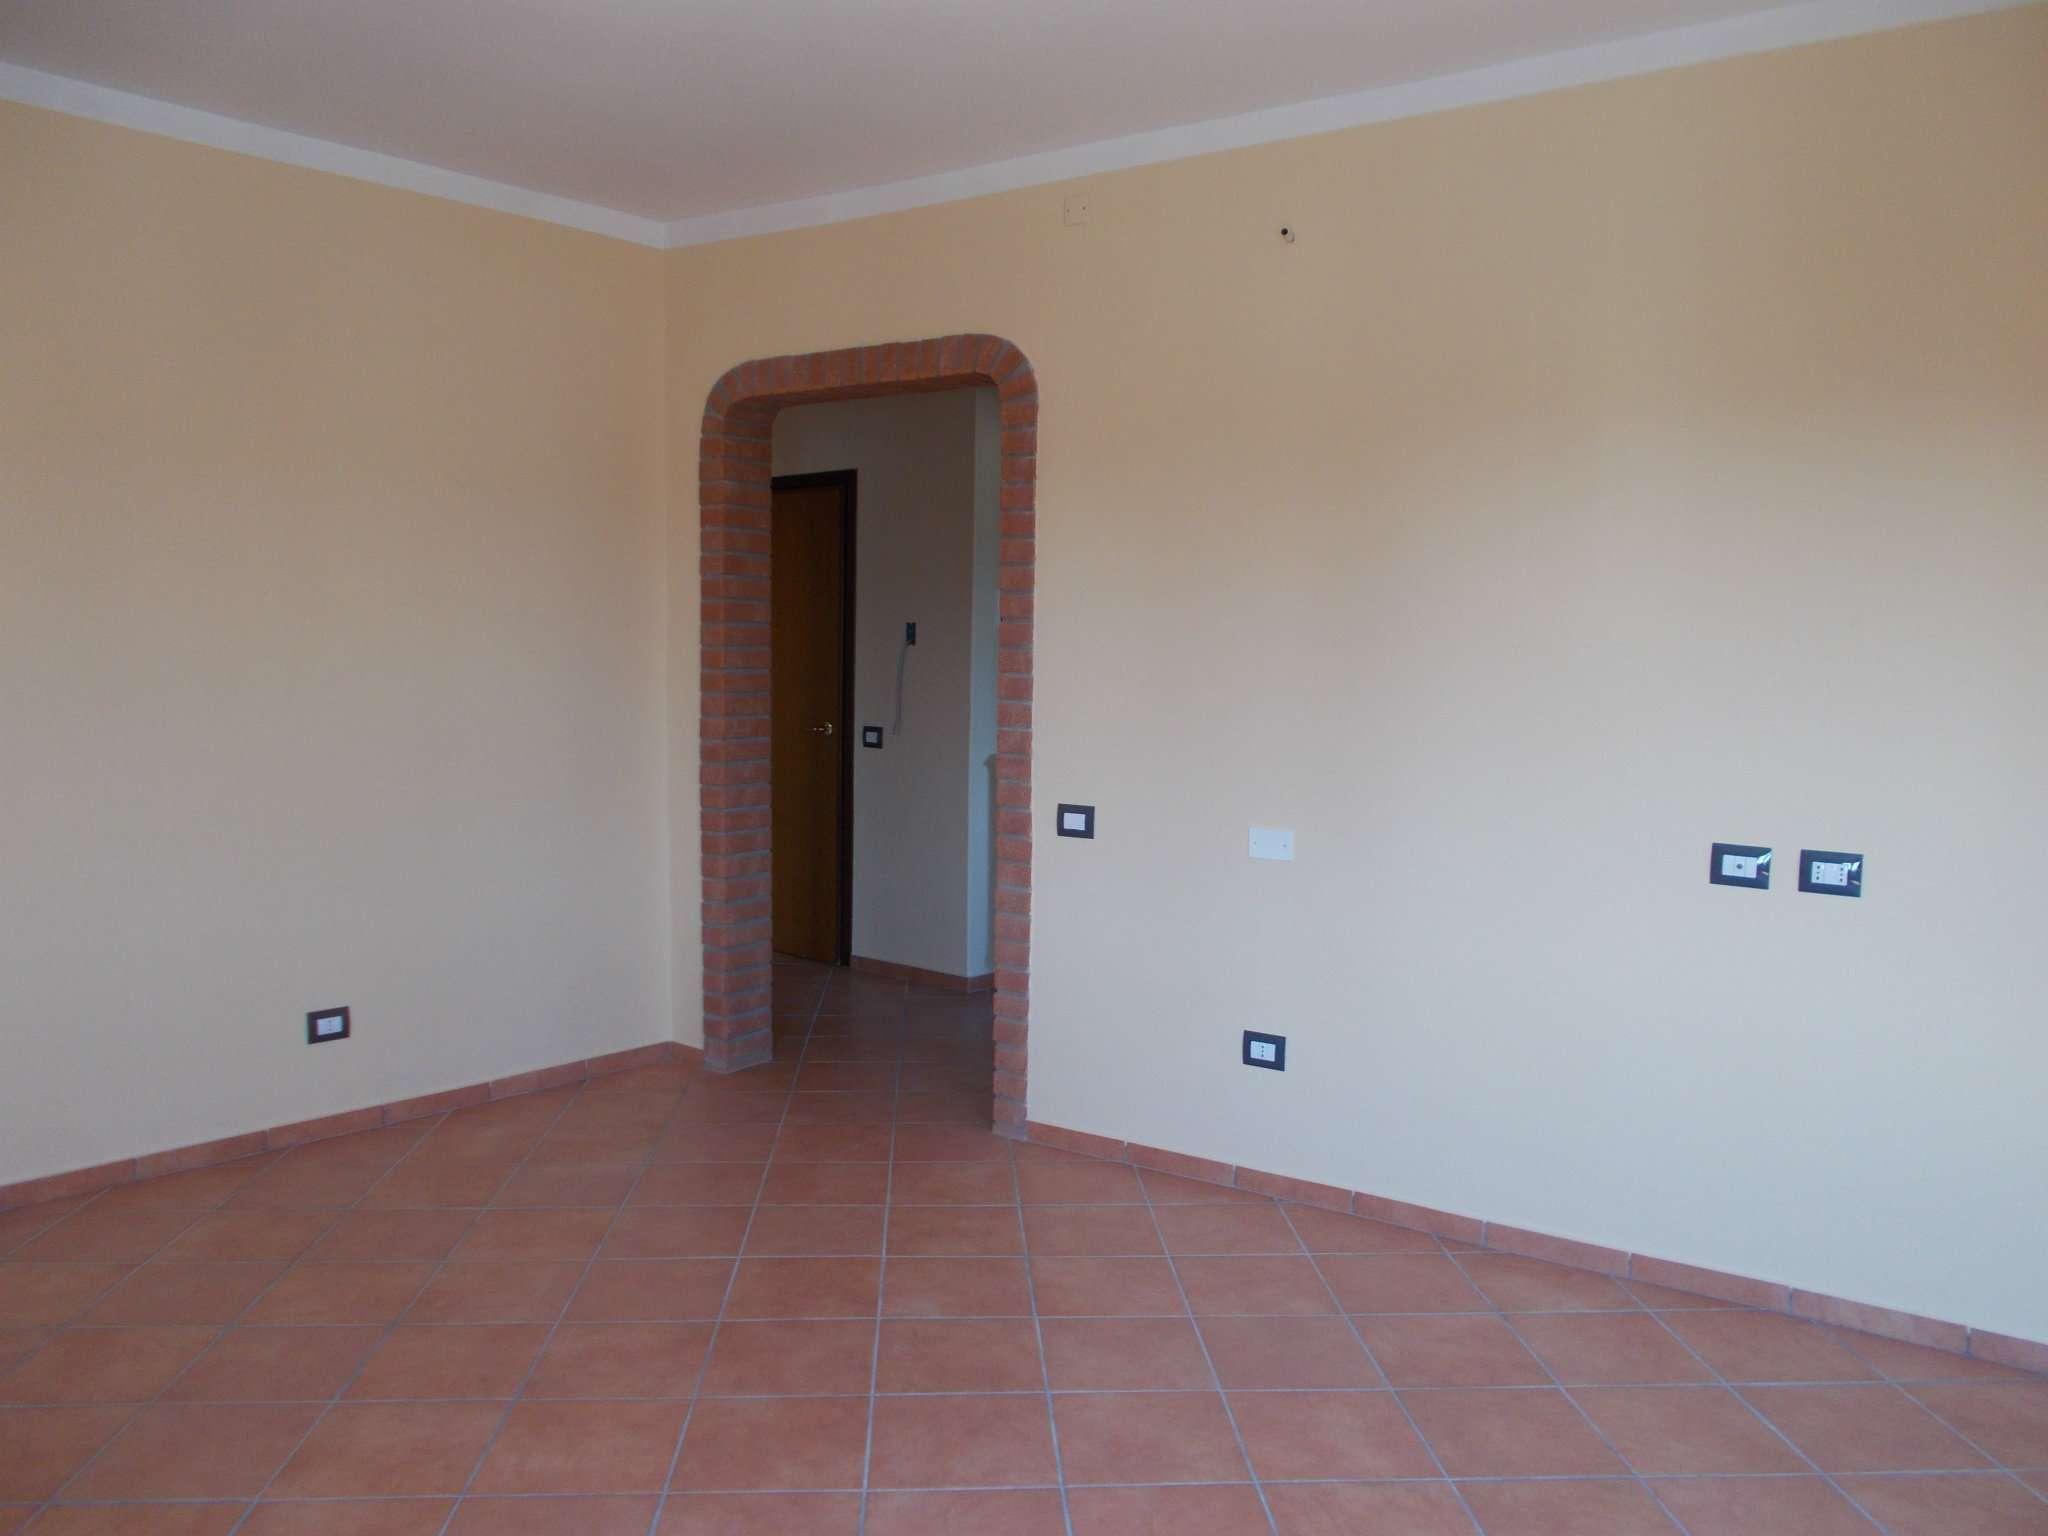 Appartamento in vendita a Quattro Castella, 3 locali, prezzo € 85.000   CambioCasa.it